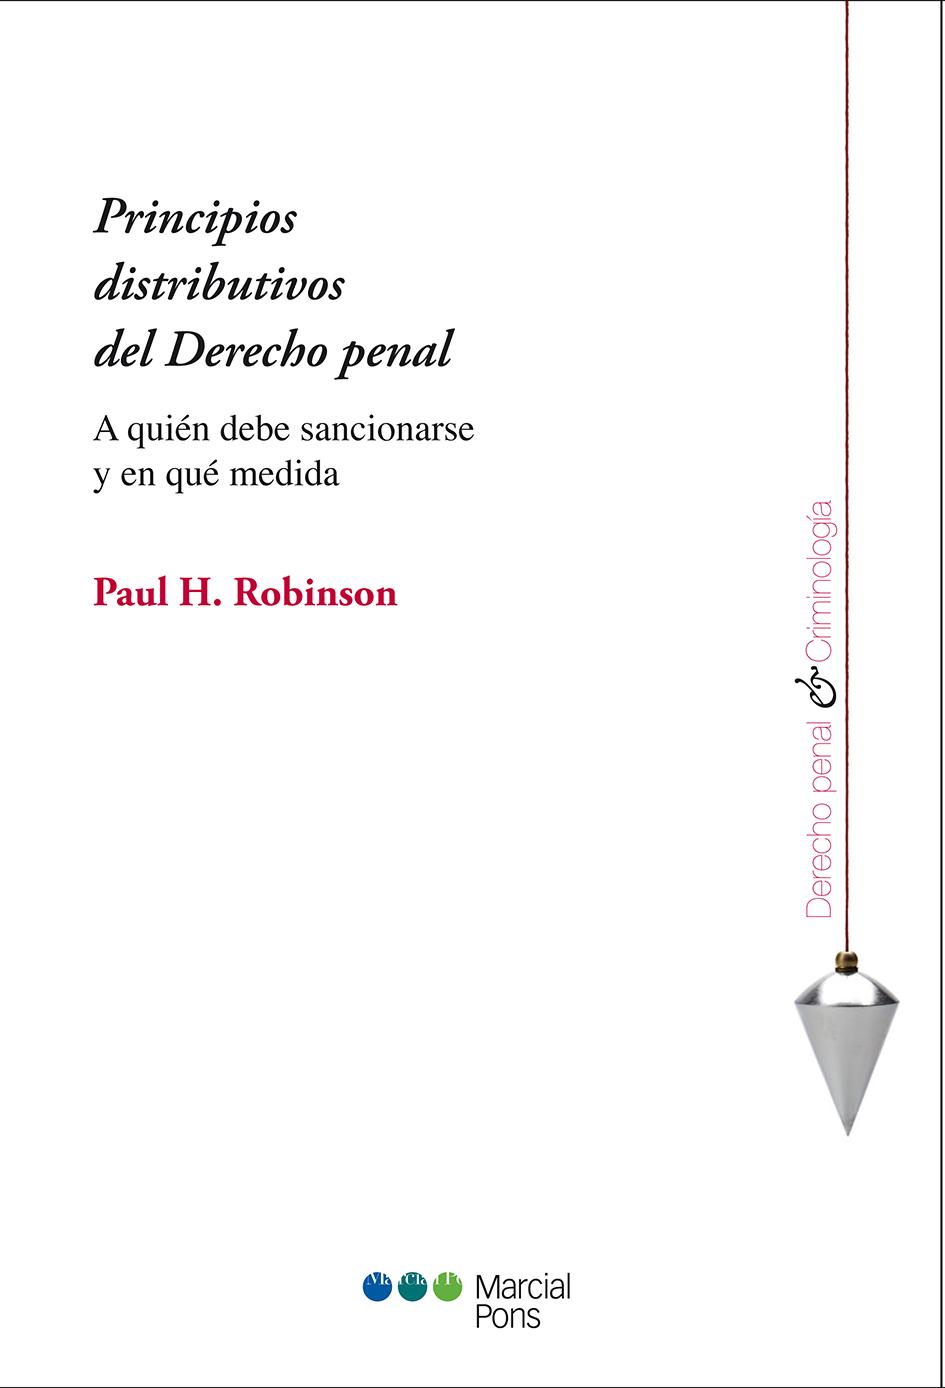 Portada del libro Principios distributivos del Derecho penal